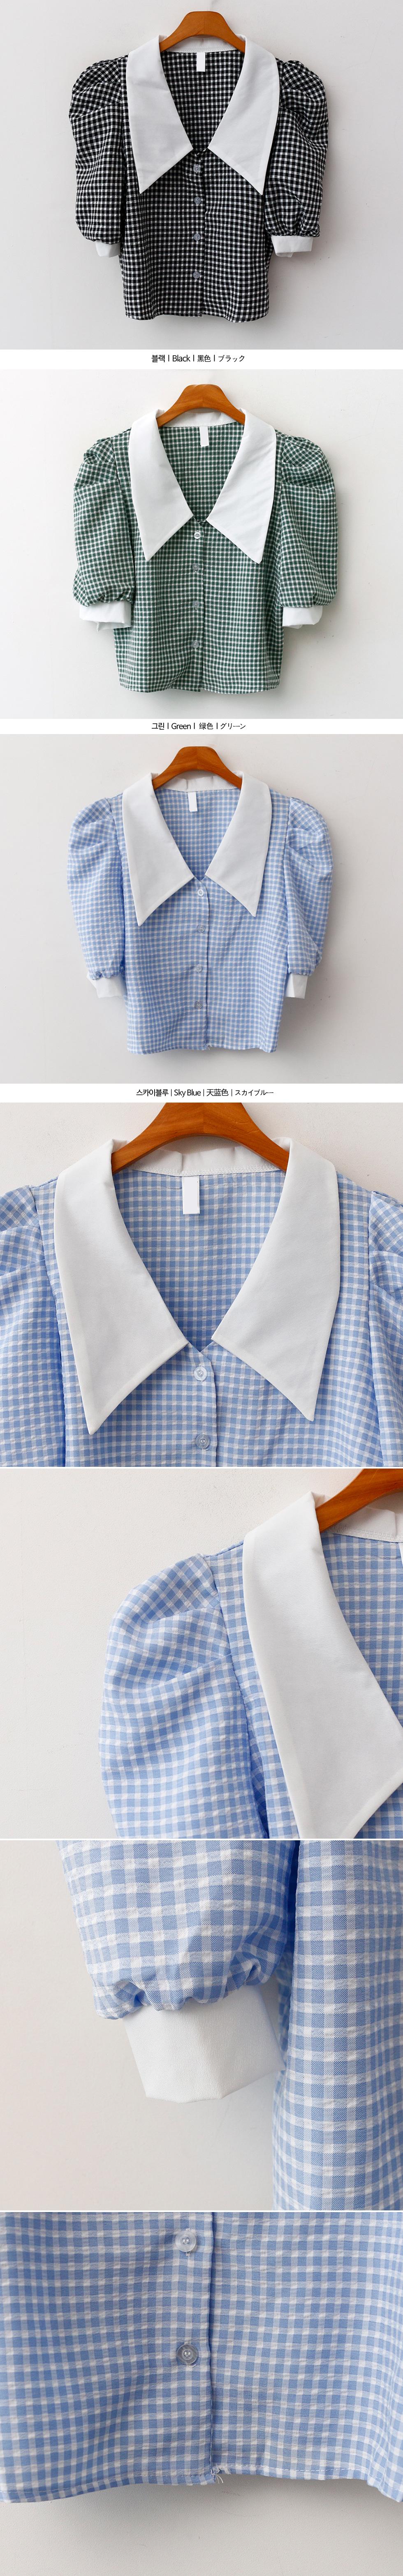 V color check shirt